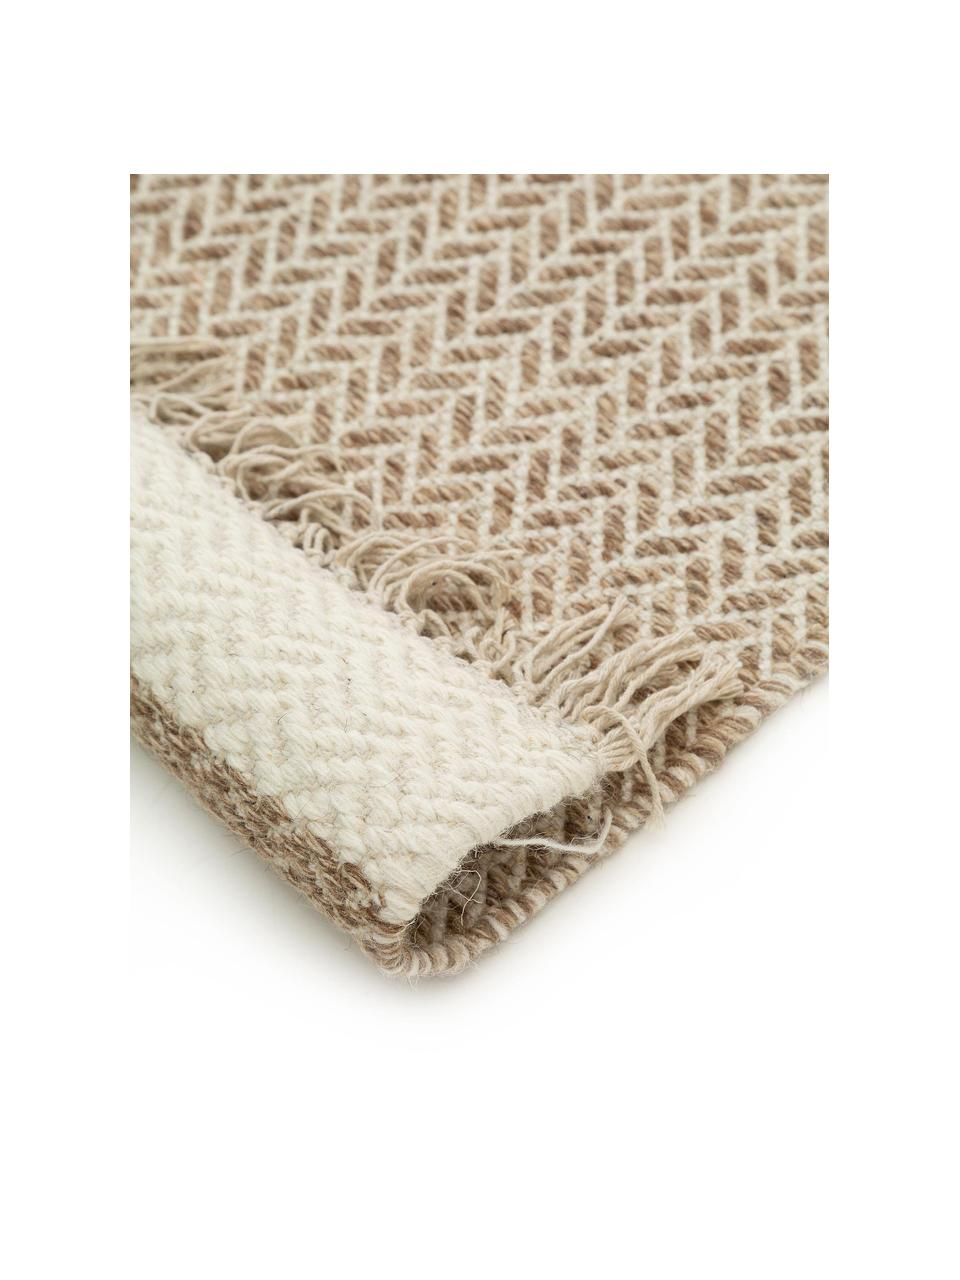 Tappeto in lana beige/crema tessuto a mano con frange Kim, 80% lana, 20% cotone Nel caso dei tappeti di lana, le fibre possono staccarsi nelle prime settimane di utilizzo, questo e la formazione di lanugine si riducono con l'uso quotidiano, Beige, crema, Larg. 120 x Lung. 170 cm (taglia S)